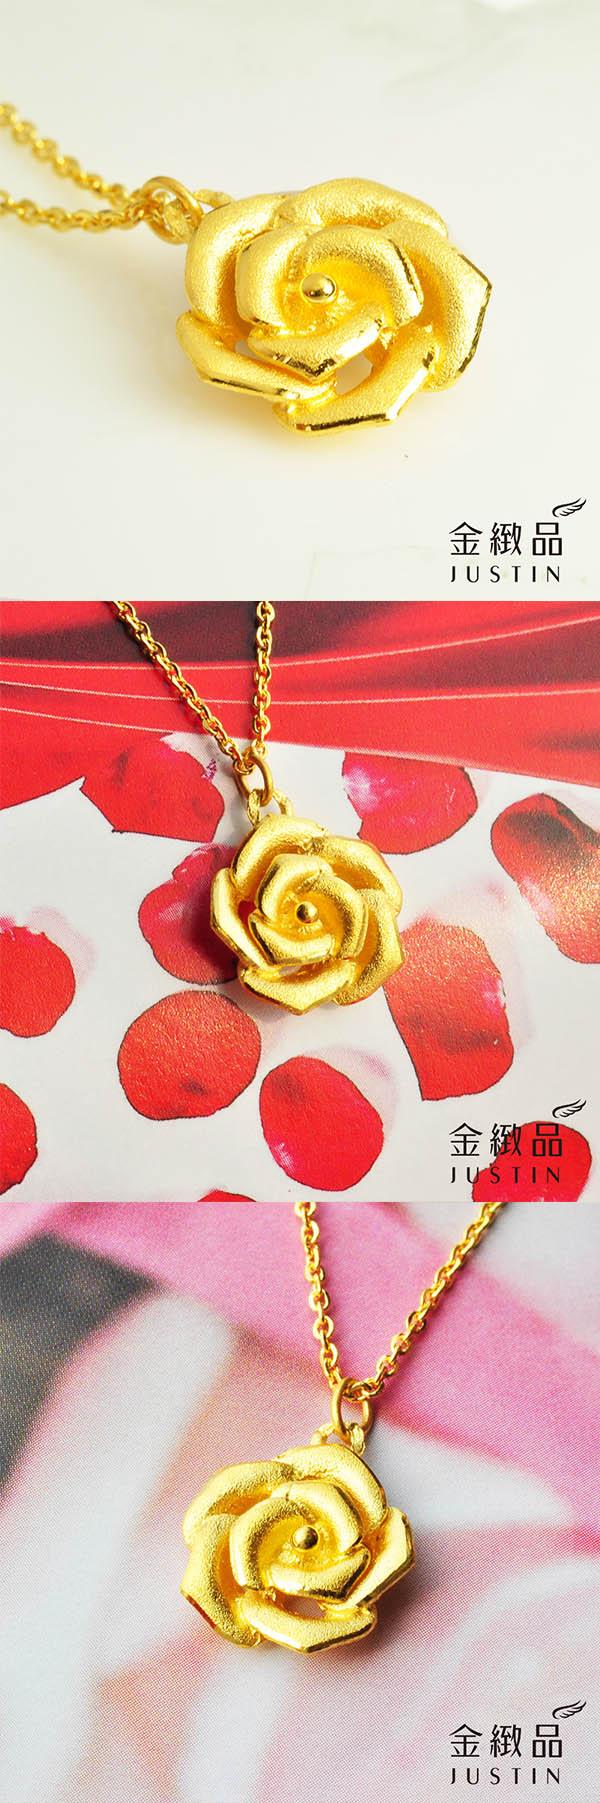 金緻品,金製品,黃金價格,金飾,金飾價格,黃金飾品,金飾店,純金,金飾品牌,黃金投資,鑽石,鑽戒,黃金項鍊,玫瑰項鍊,金鍊子,玫瑰香氛,母親節禮物